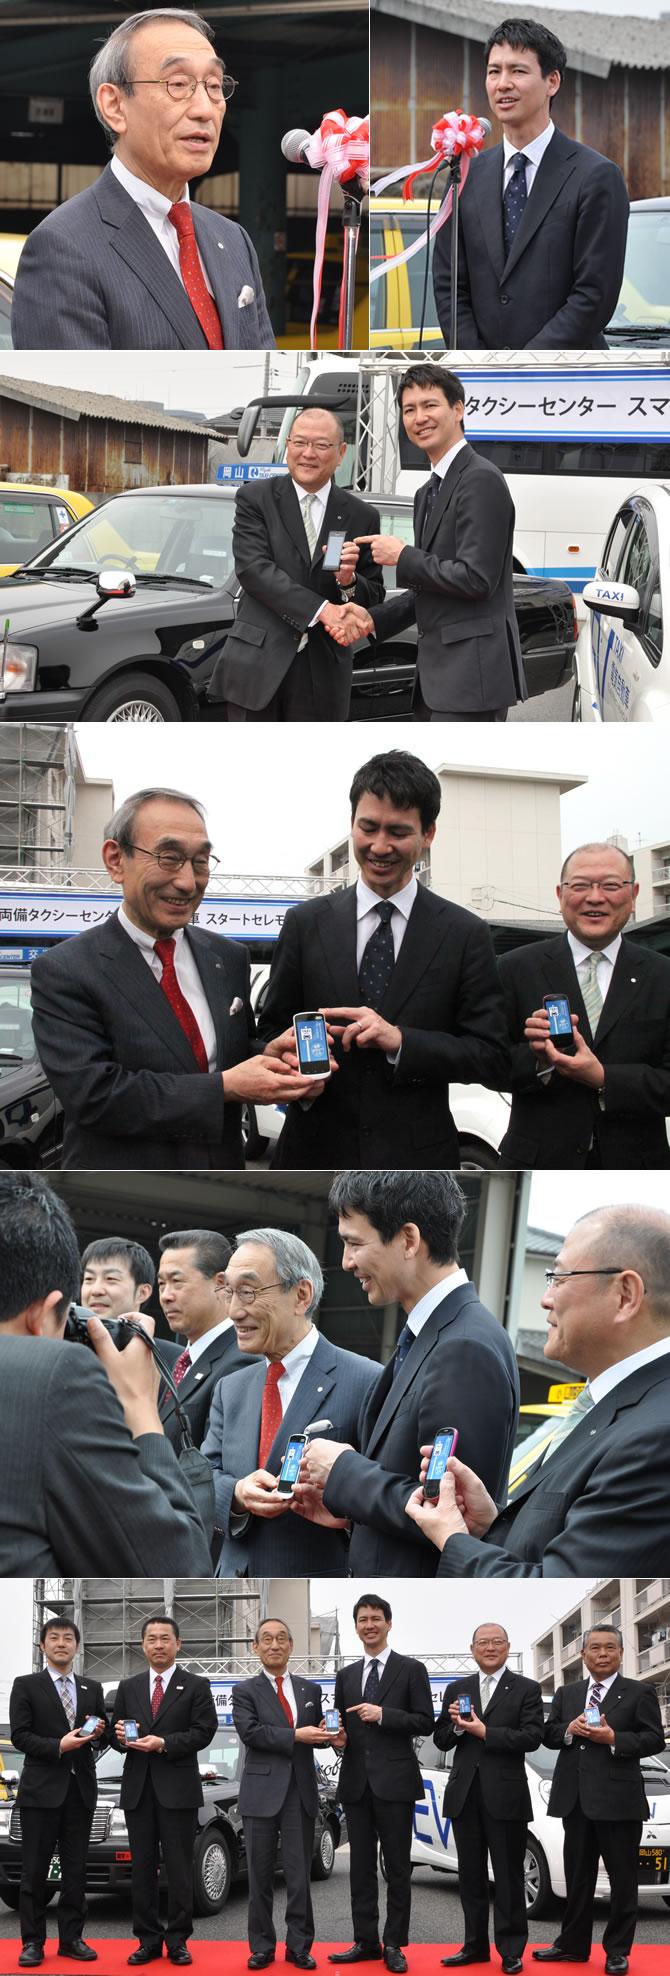 「全国タクシー配車」アプリ披露セレモニー